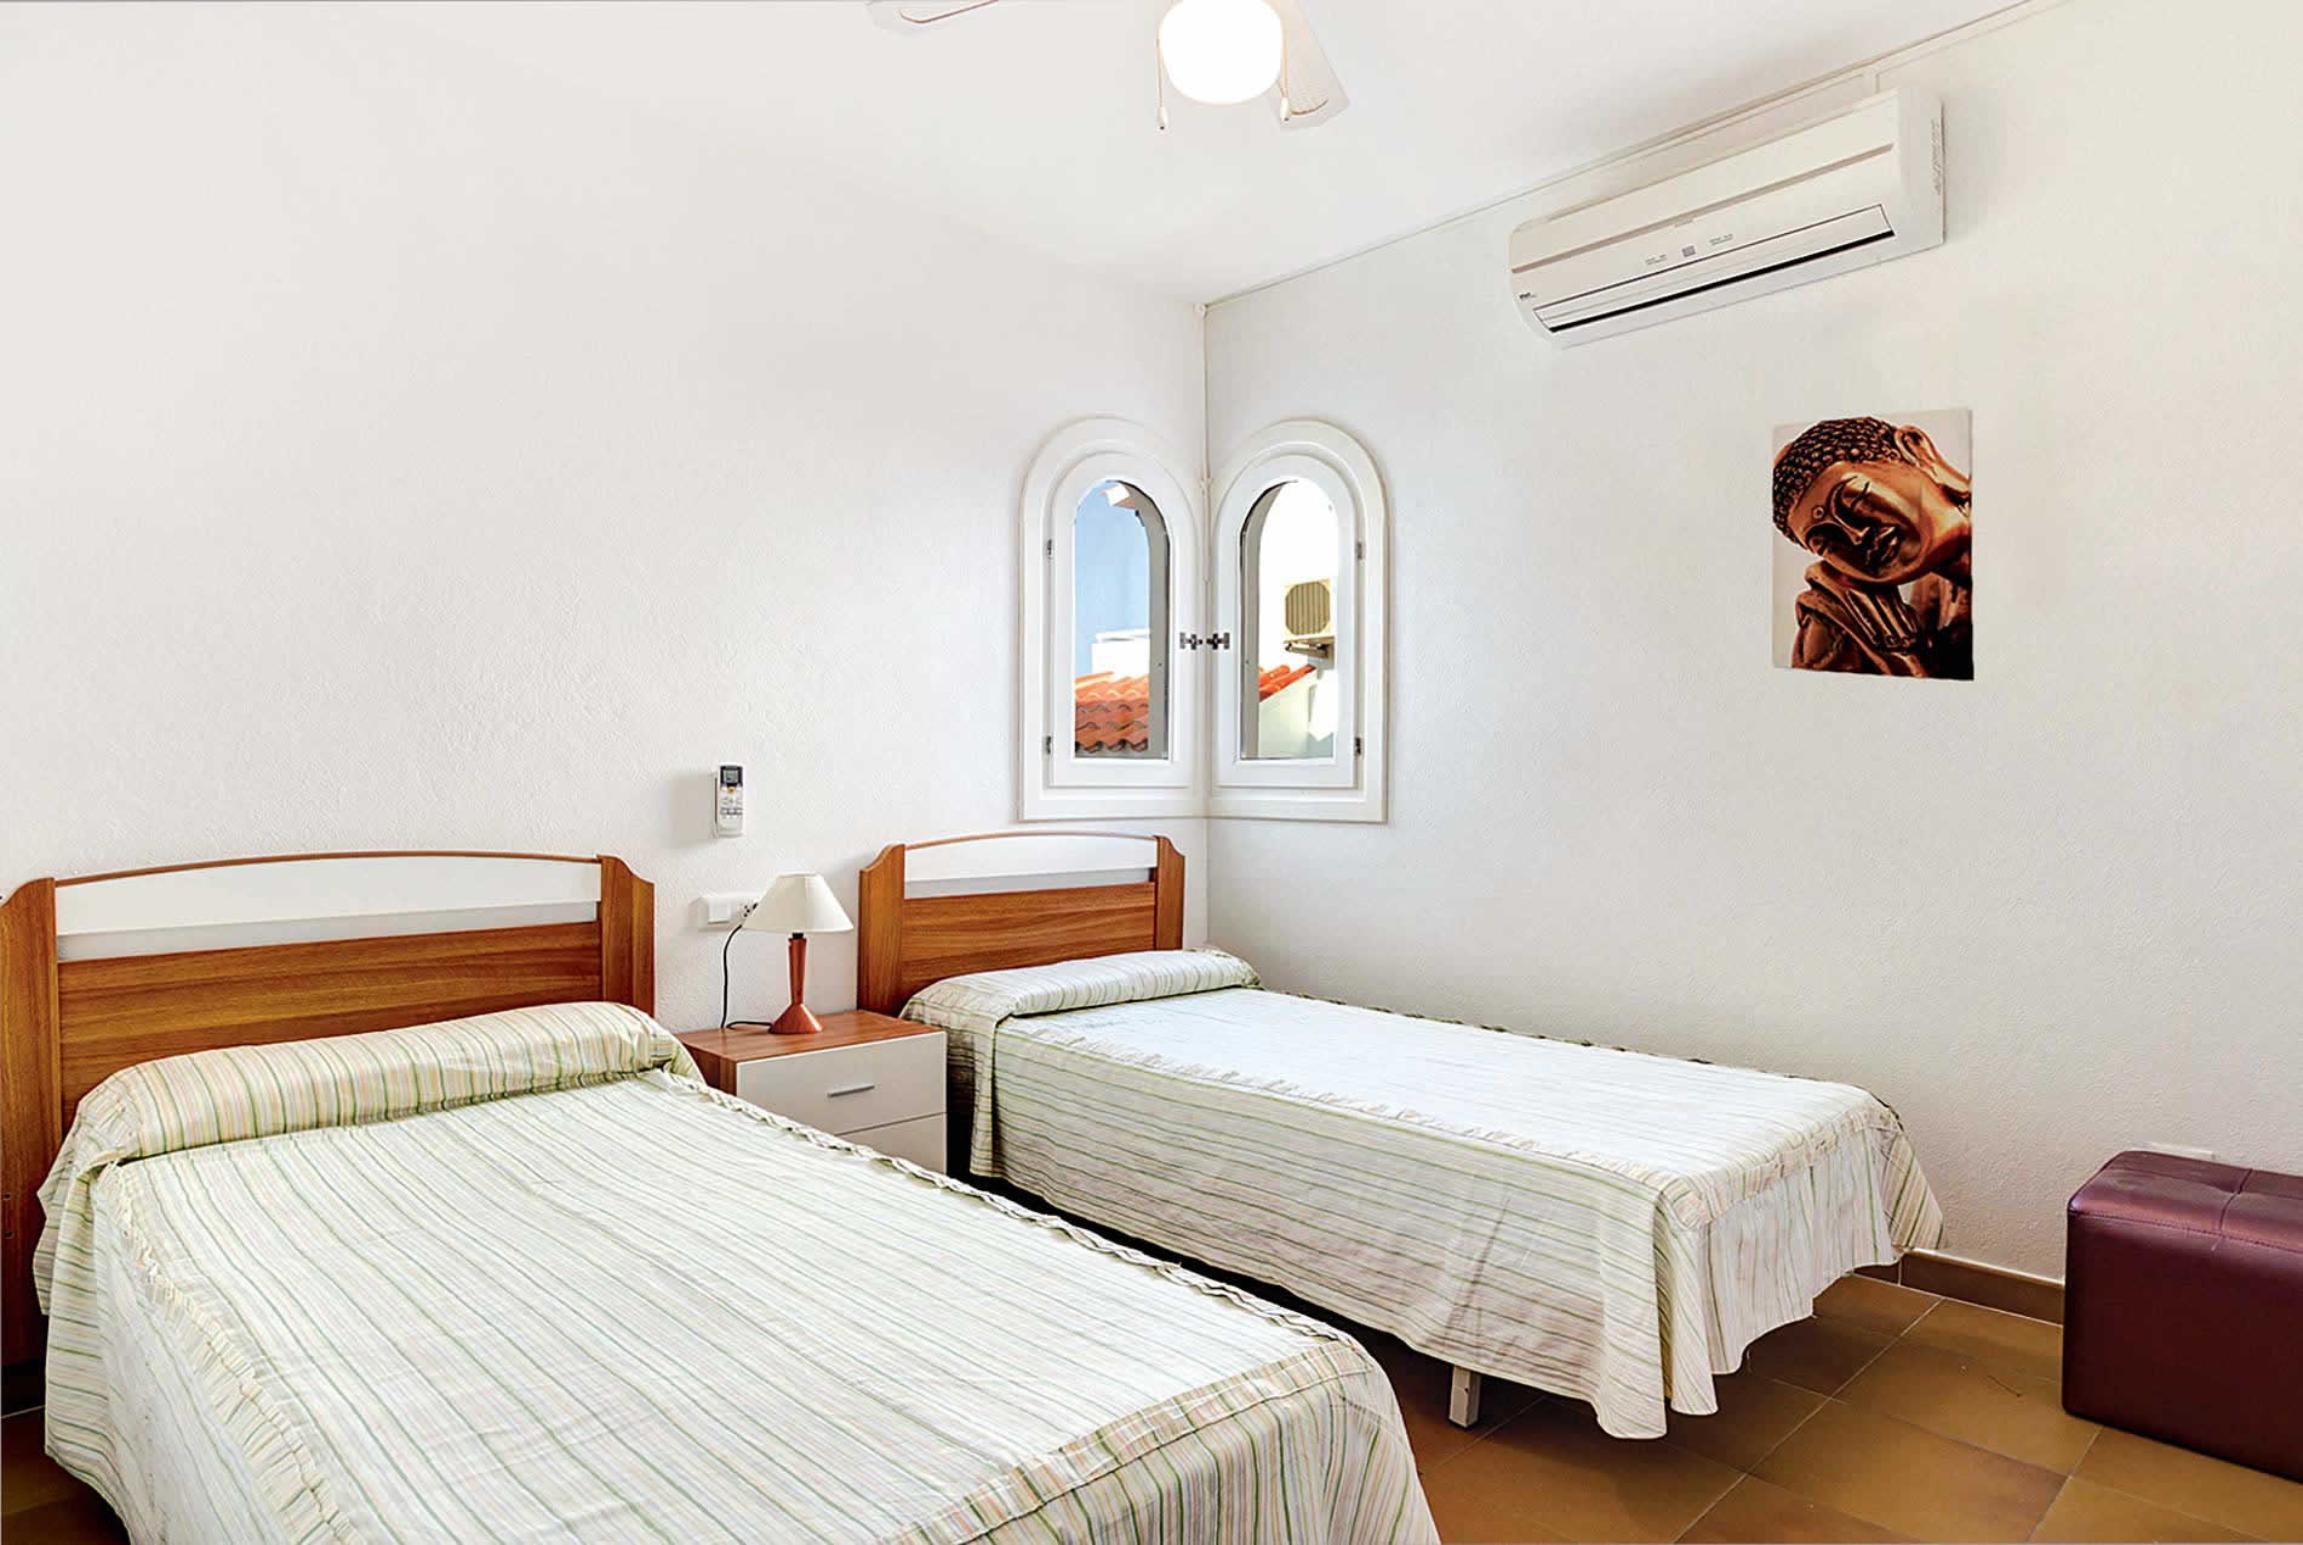 Ferienhaus Mar I Mar (2654306), Arenal De'N Castell, Menorca, Balearische Inseln, Spanien, Bild 11